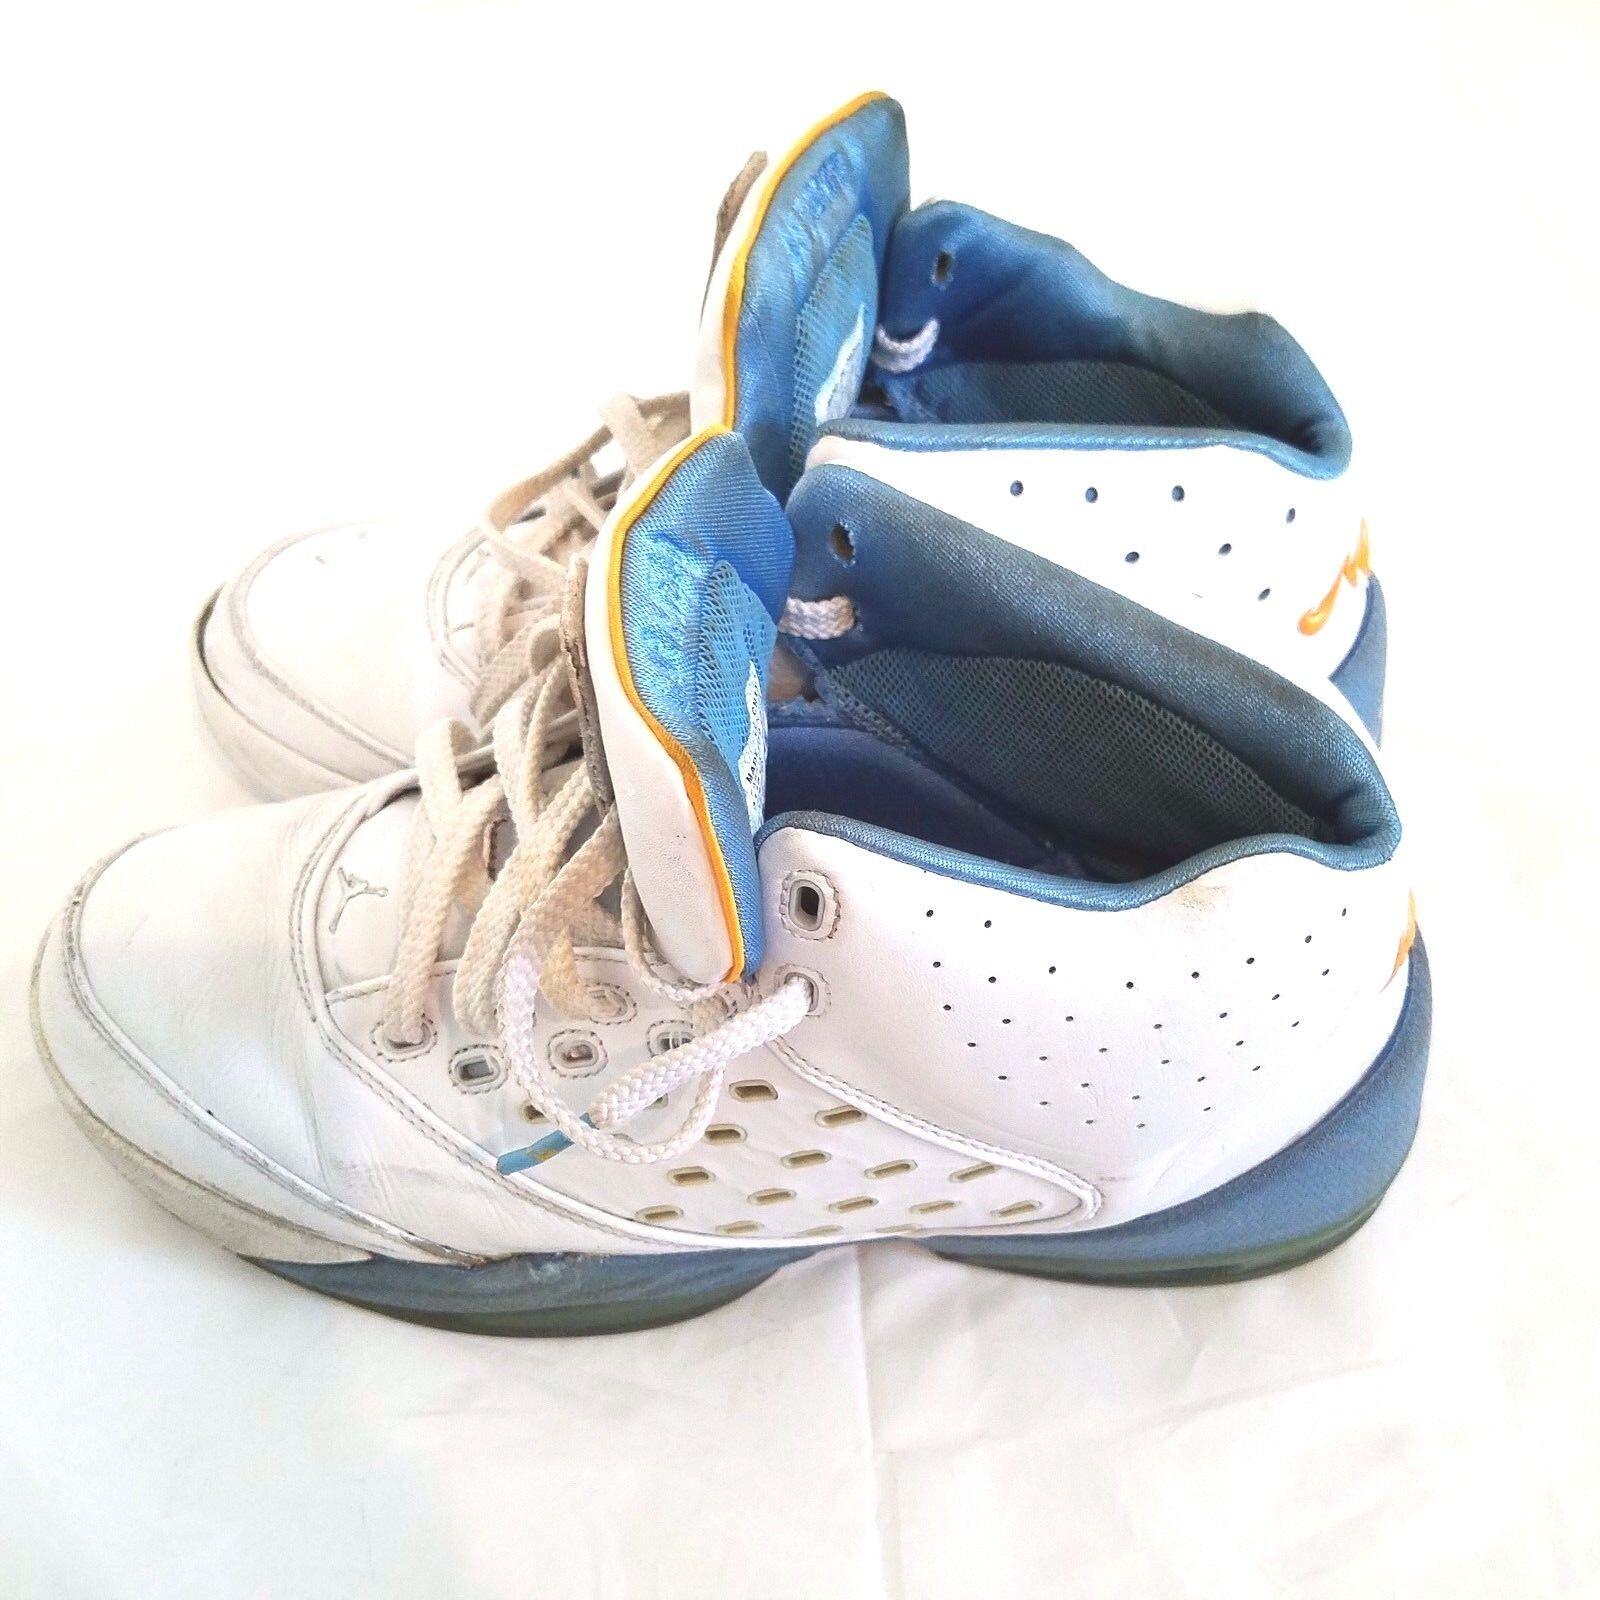 Nike Air Jordan Melo Carmelo blanco azul 311813-102 zapatos de baloncesto 2018 311813-102 azul 11 retro casual salvaje 69deee